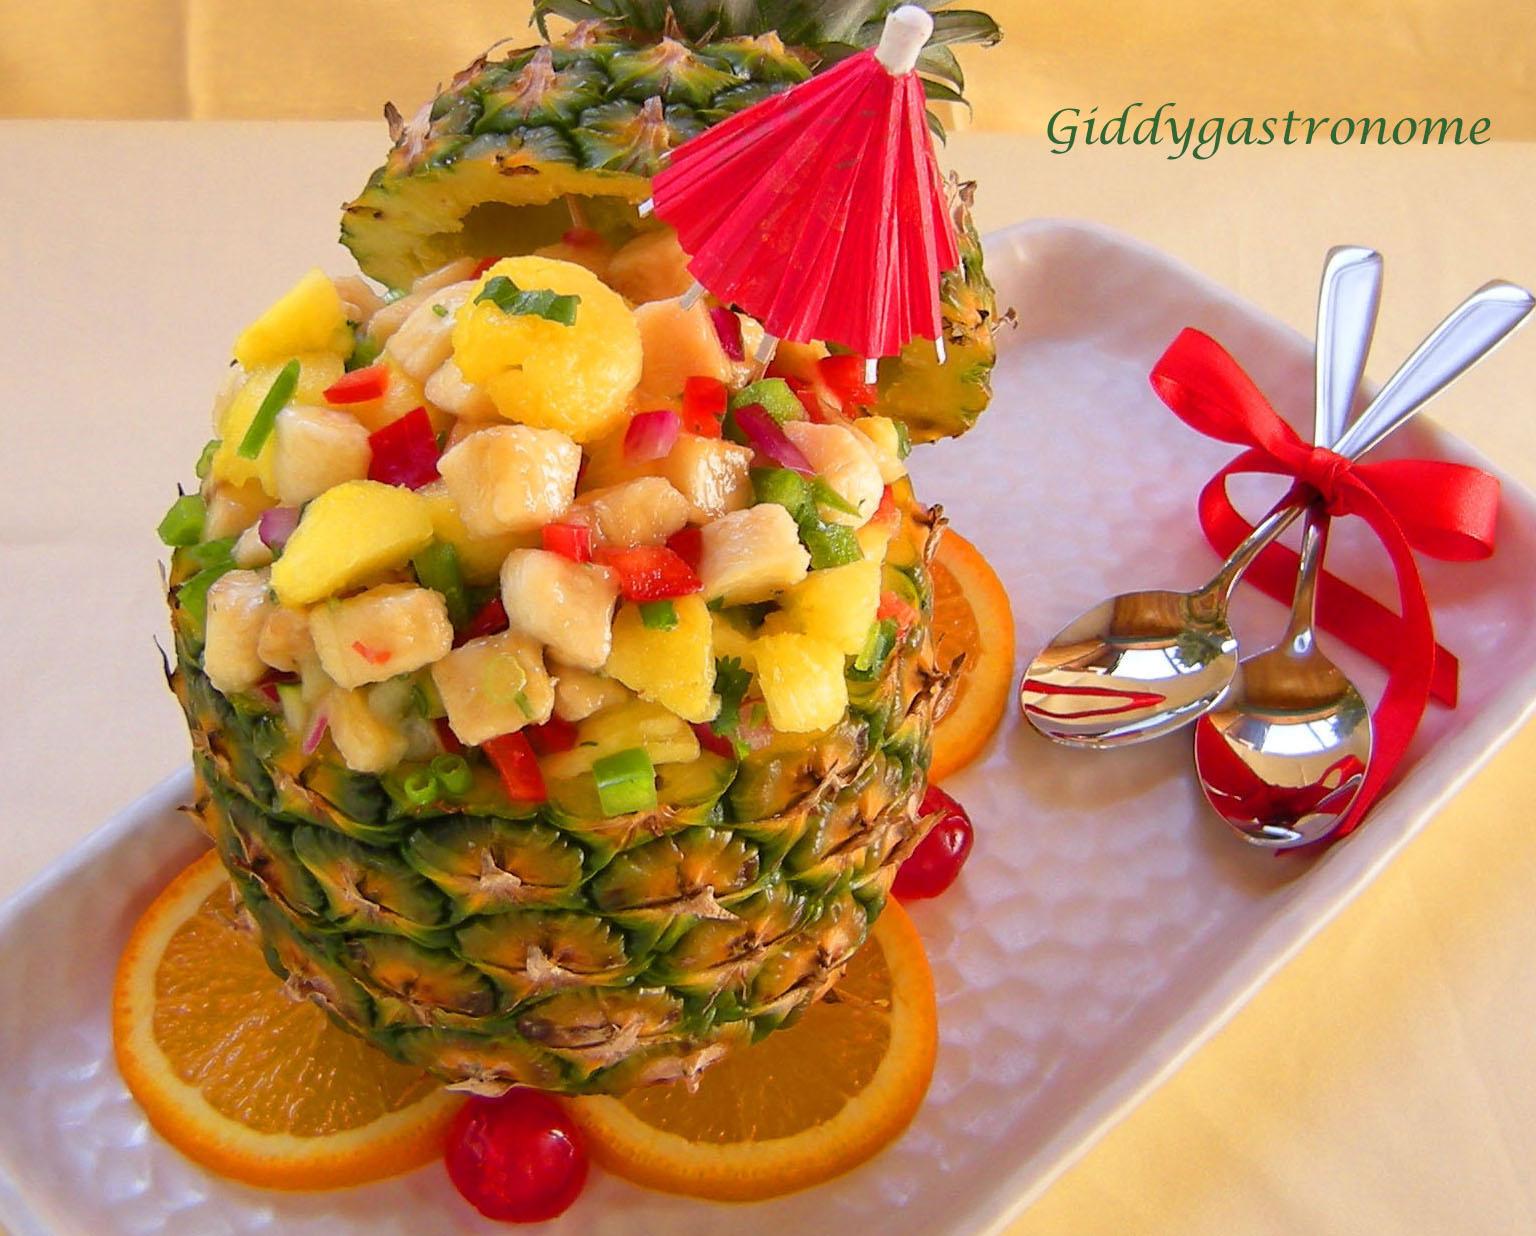 [pineapple,+banana,+roast+bell+peppr+salad.jpg+giddygastronome.jpg]